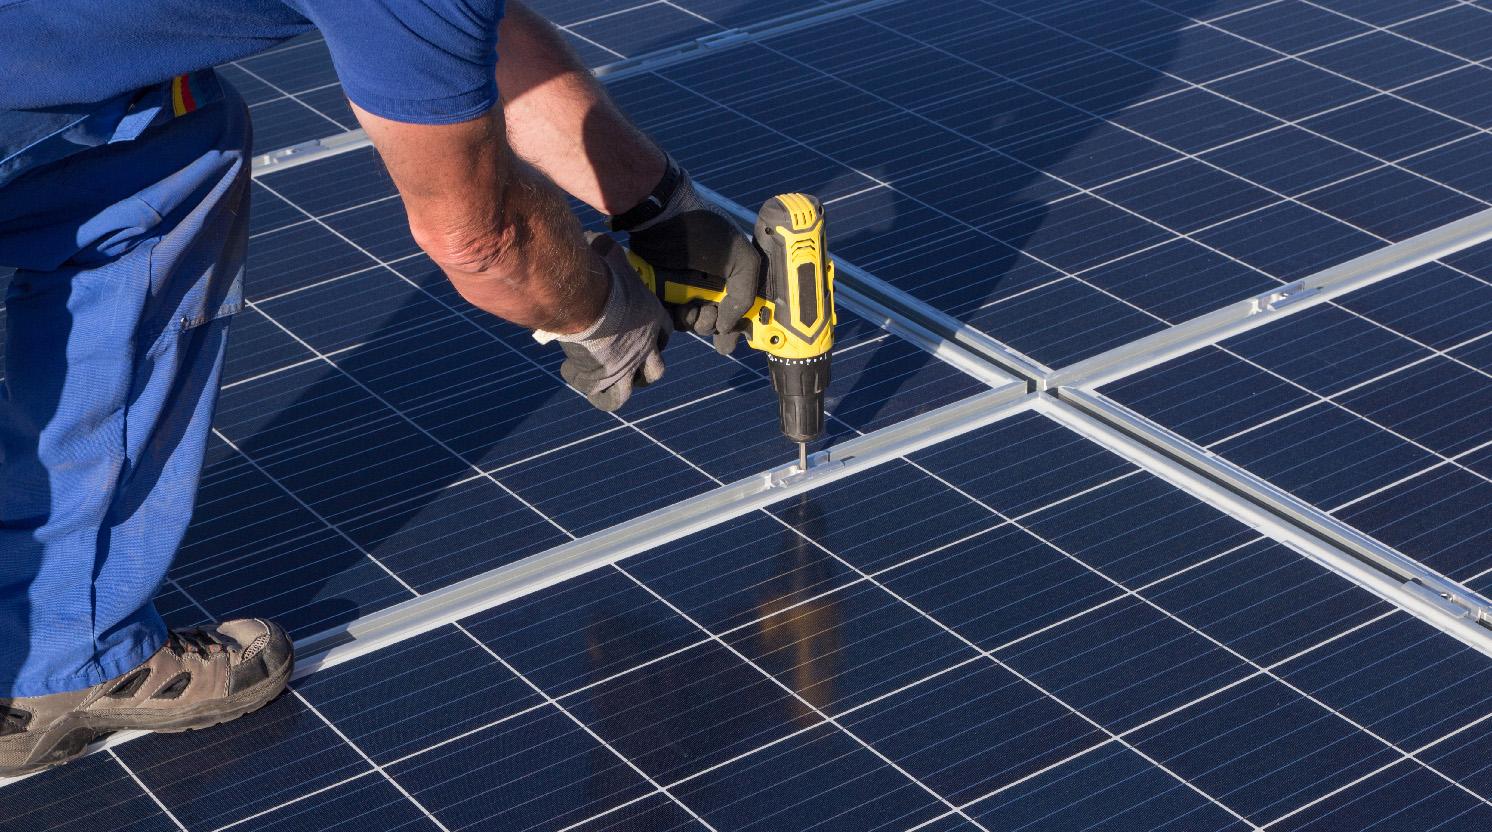 Scope 12: verzekeraars gaan inspectie zonnepanelen als harde eis stellen